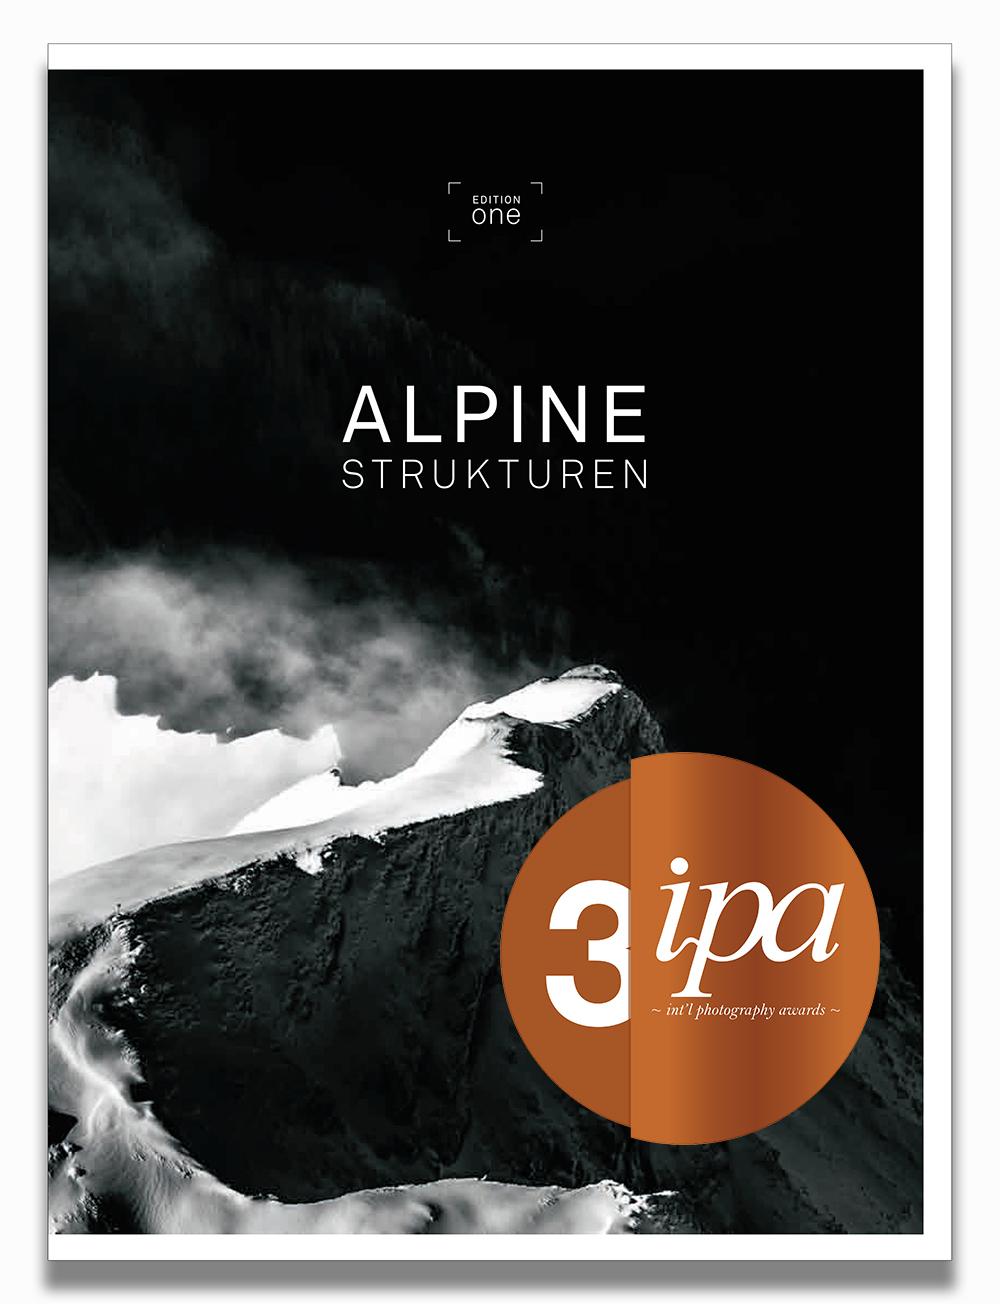 Alpine Strukturen Edition One - Cover.jpg